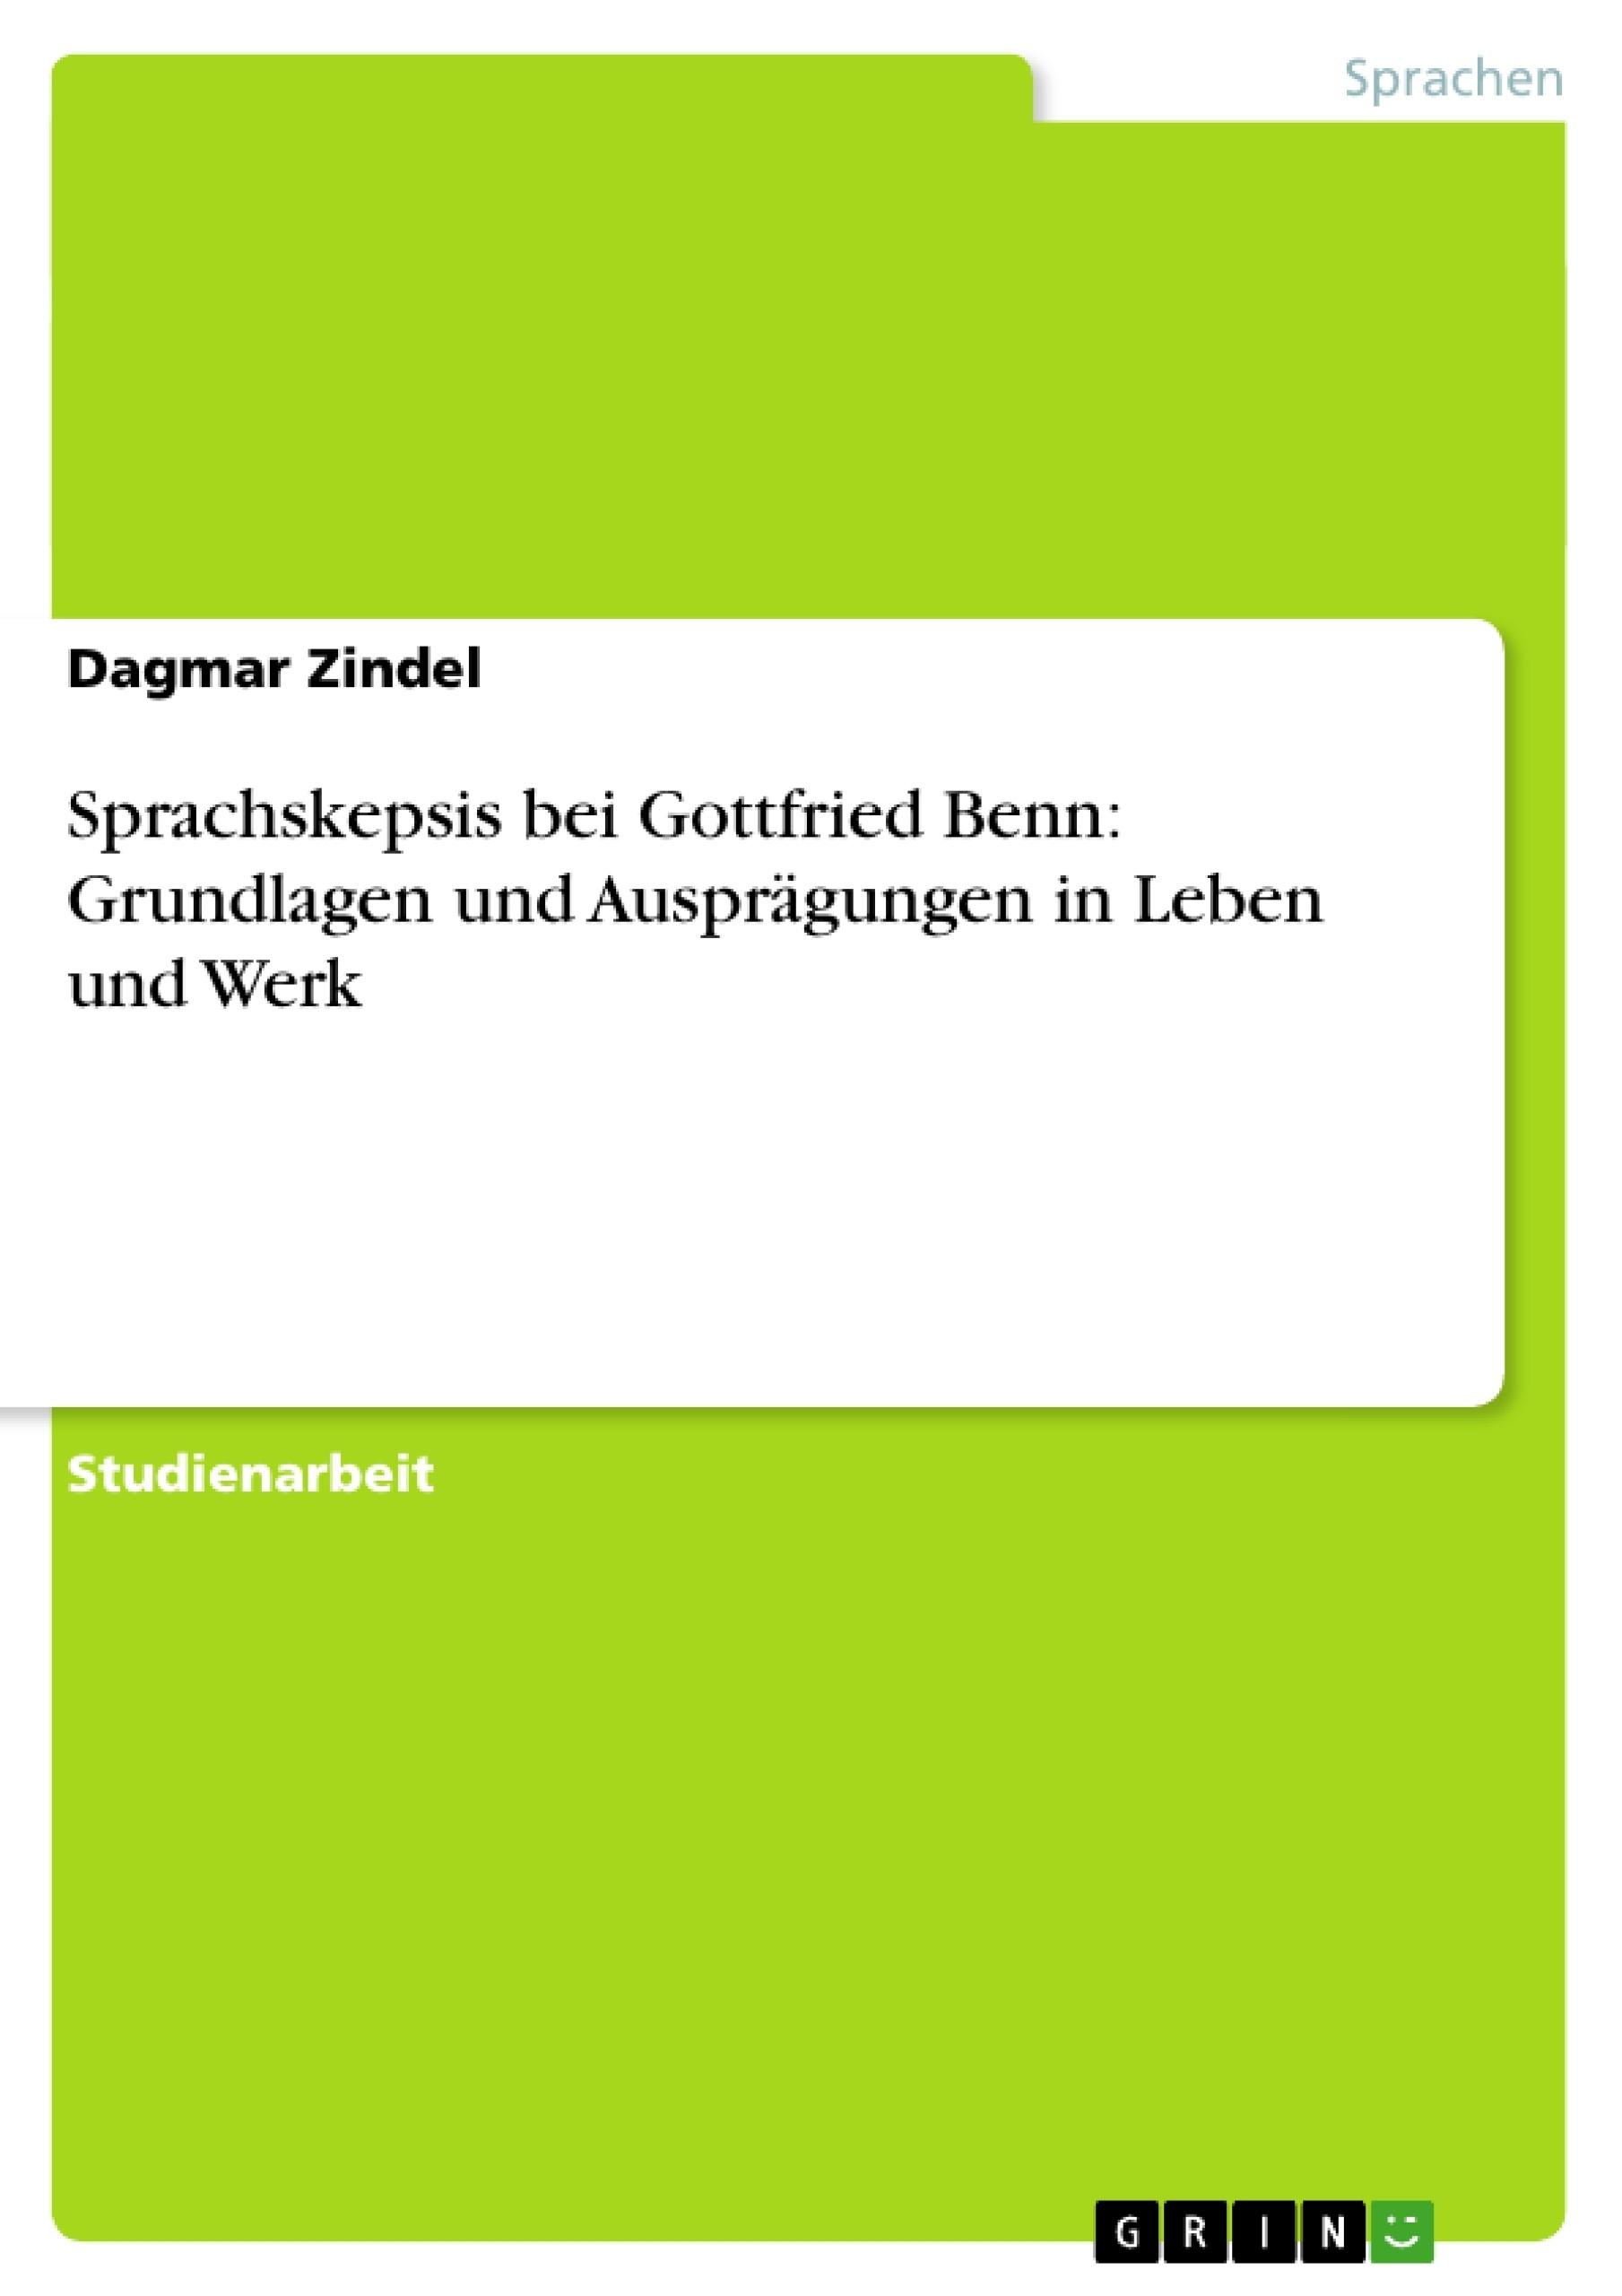 Titel: Sprachskepsis bei Gottfried Benn: Grundlagen und Ausprägungen in Leben und Werk